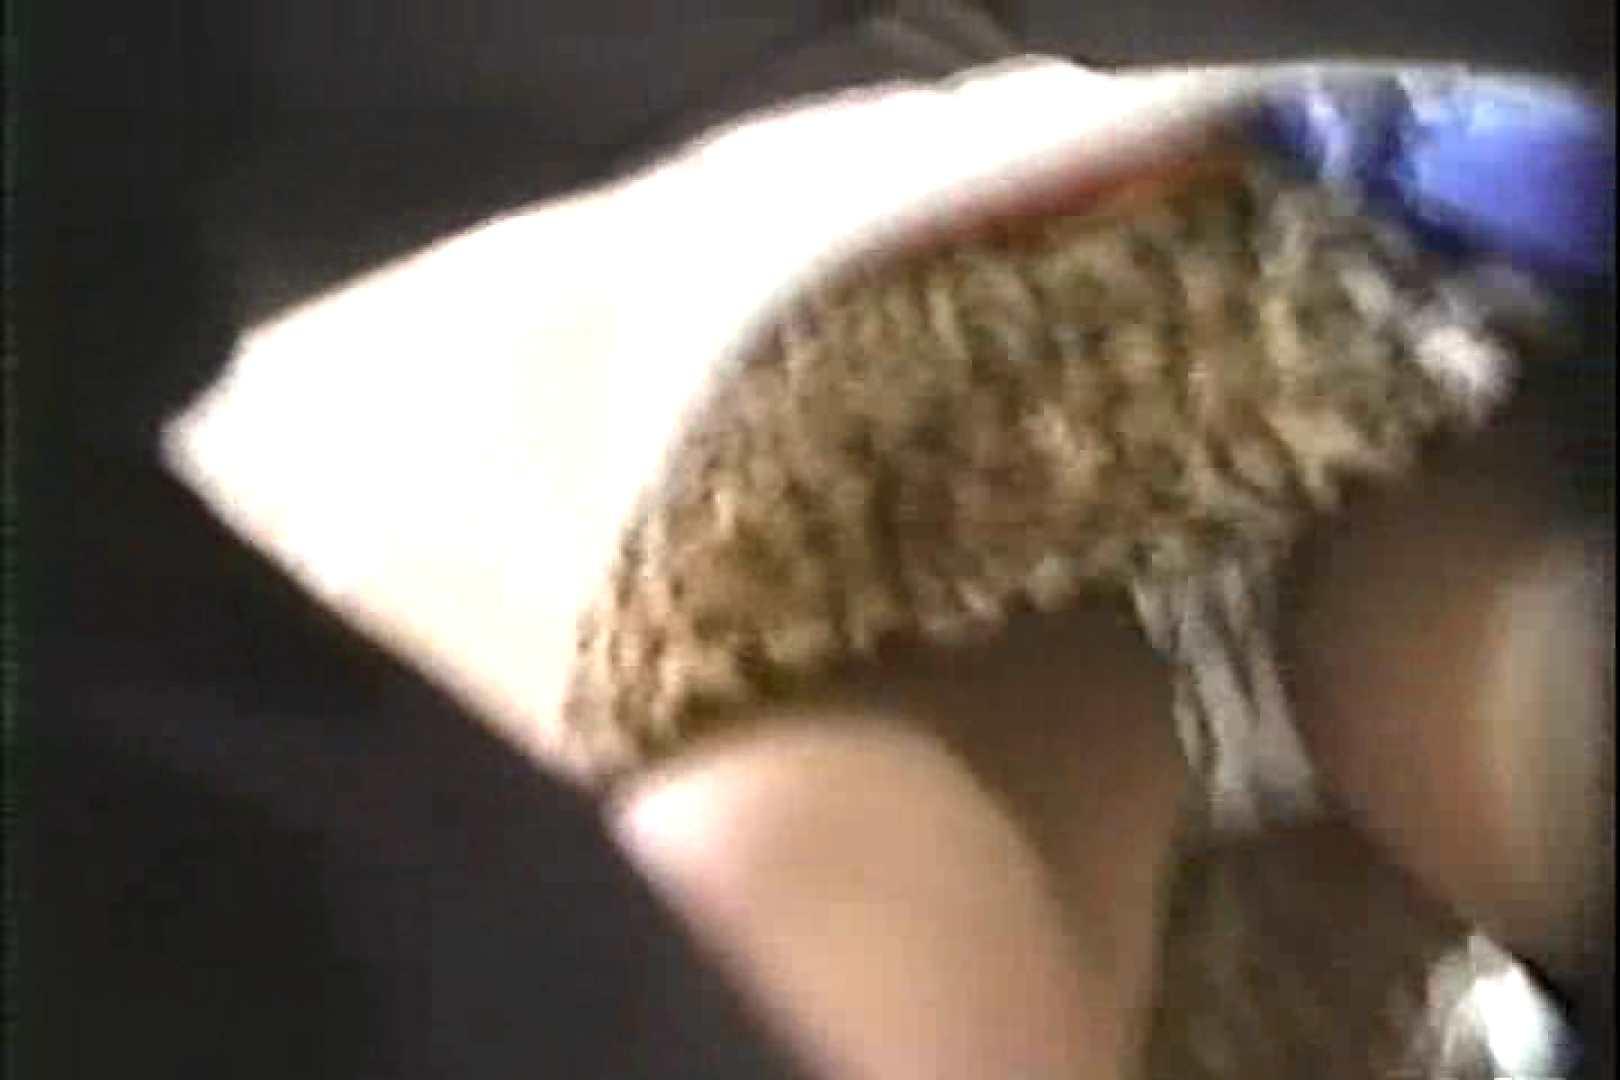 「ちくりん」さんのオリジナル未編集パンチラVol.4_02 ギャルのエロ動画  107画像 55